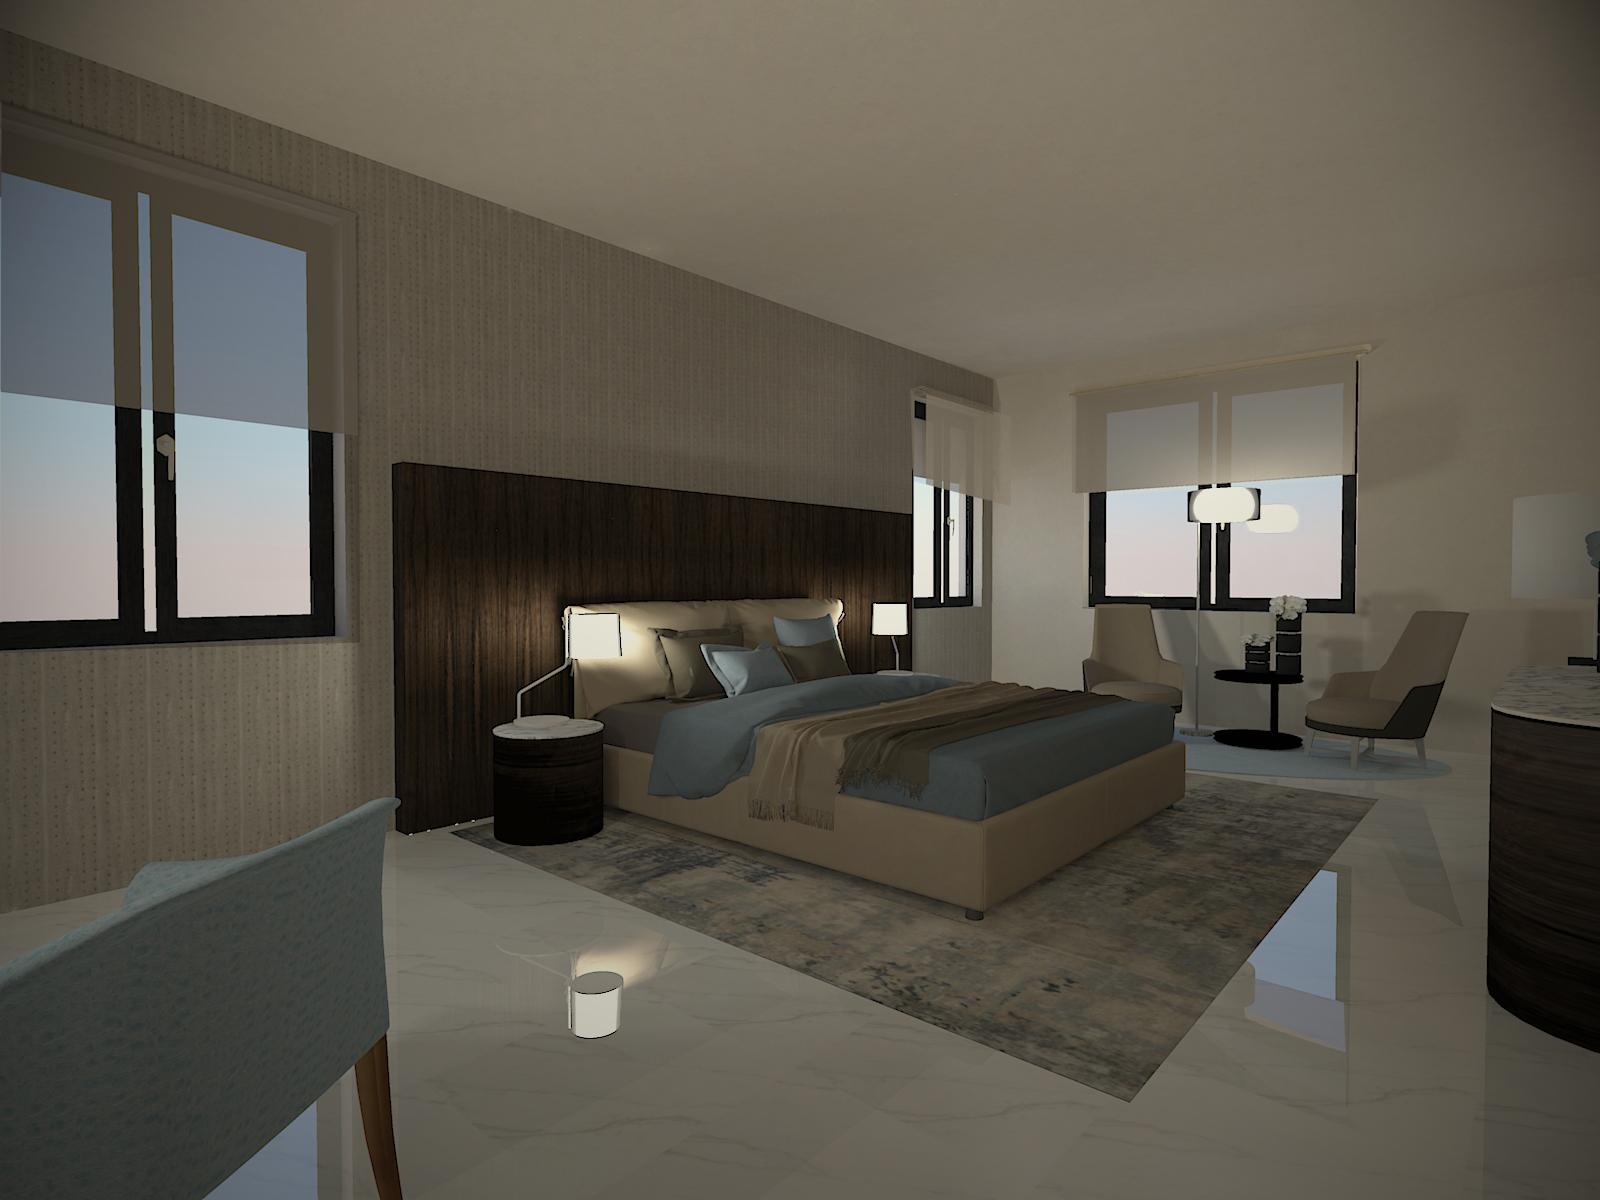 Camera Da Letto Elegante camera da letto, eleganza e sobrieta' : il design italiano